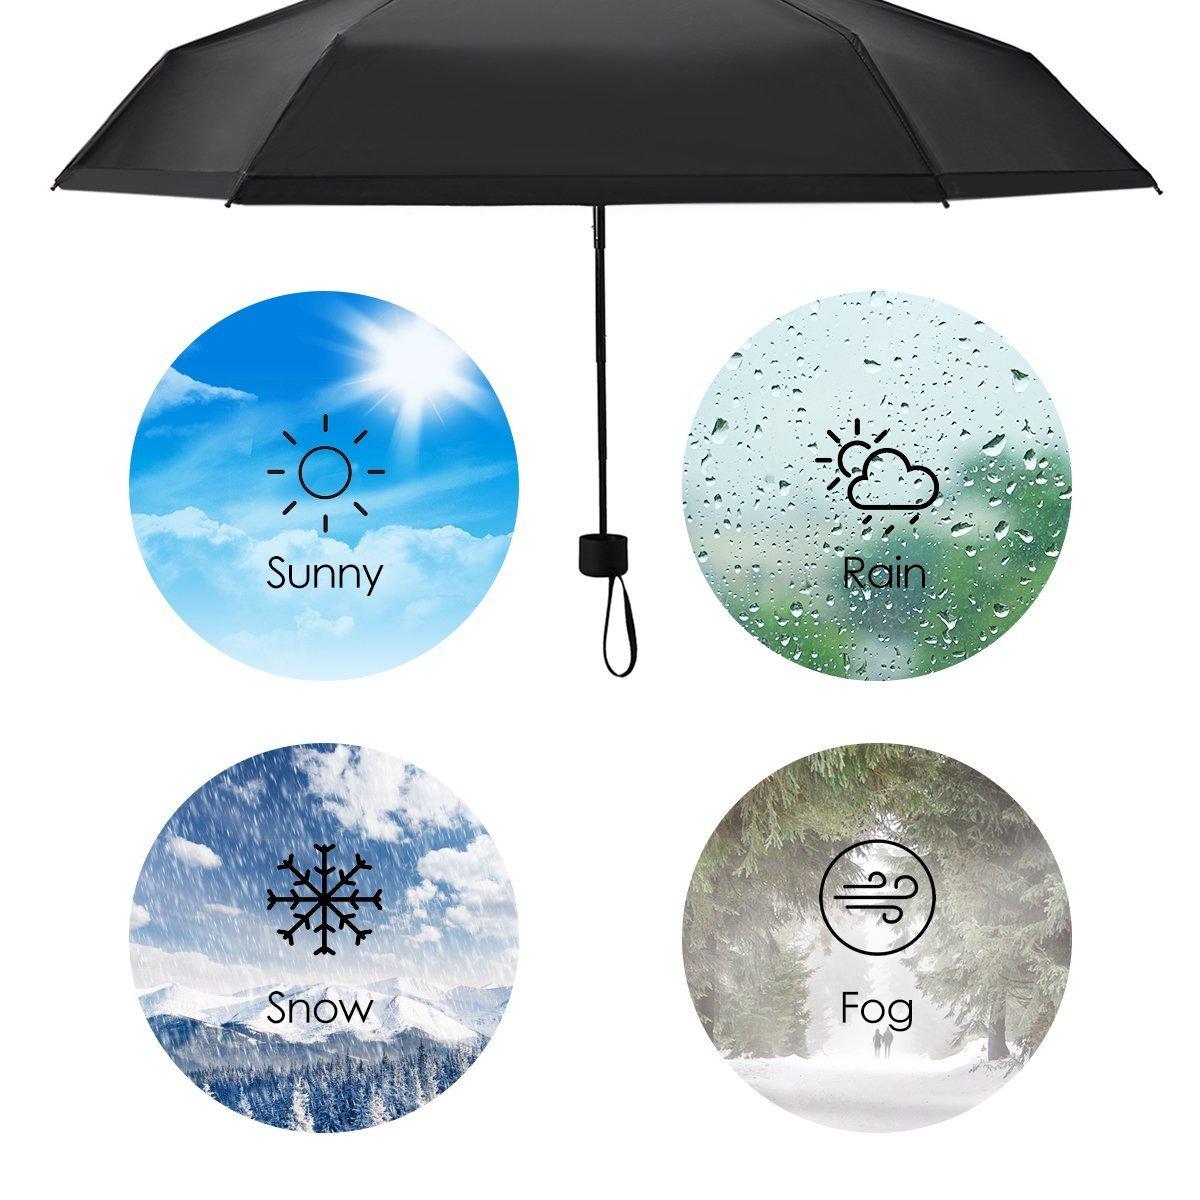 Doble-Uso Paraguas Del Sol Adecuado para Hombres y Mujeres Maltsky Paraguas Plegable de Viaje Compacto Ultraligero Mini Paraguas Prueba de Viento 99/% de Resistencia UV Amarillo